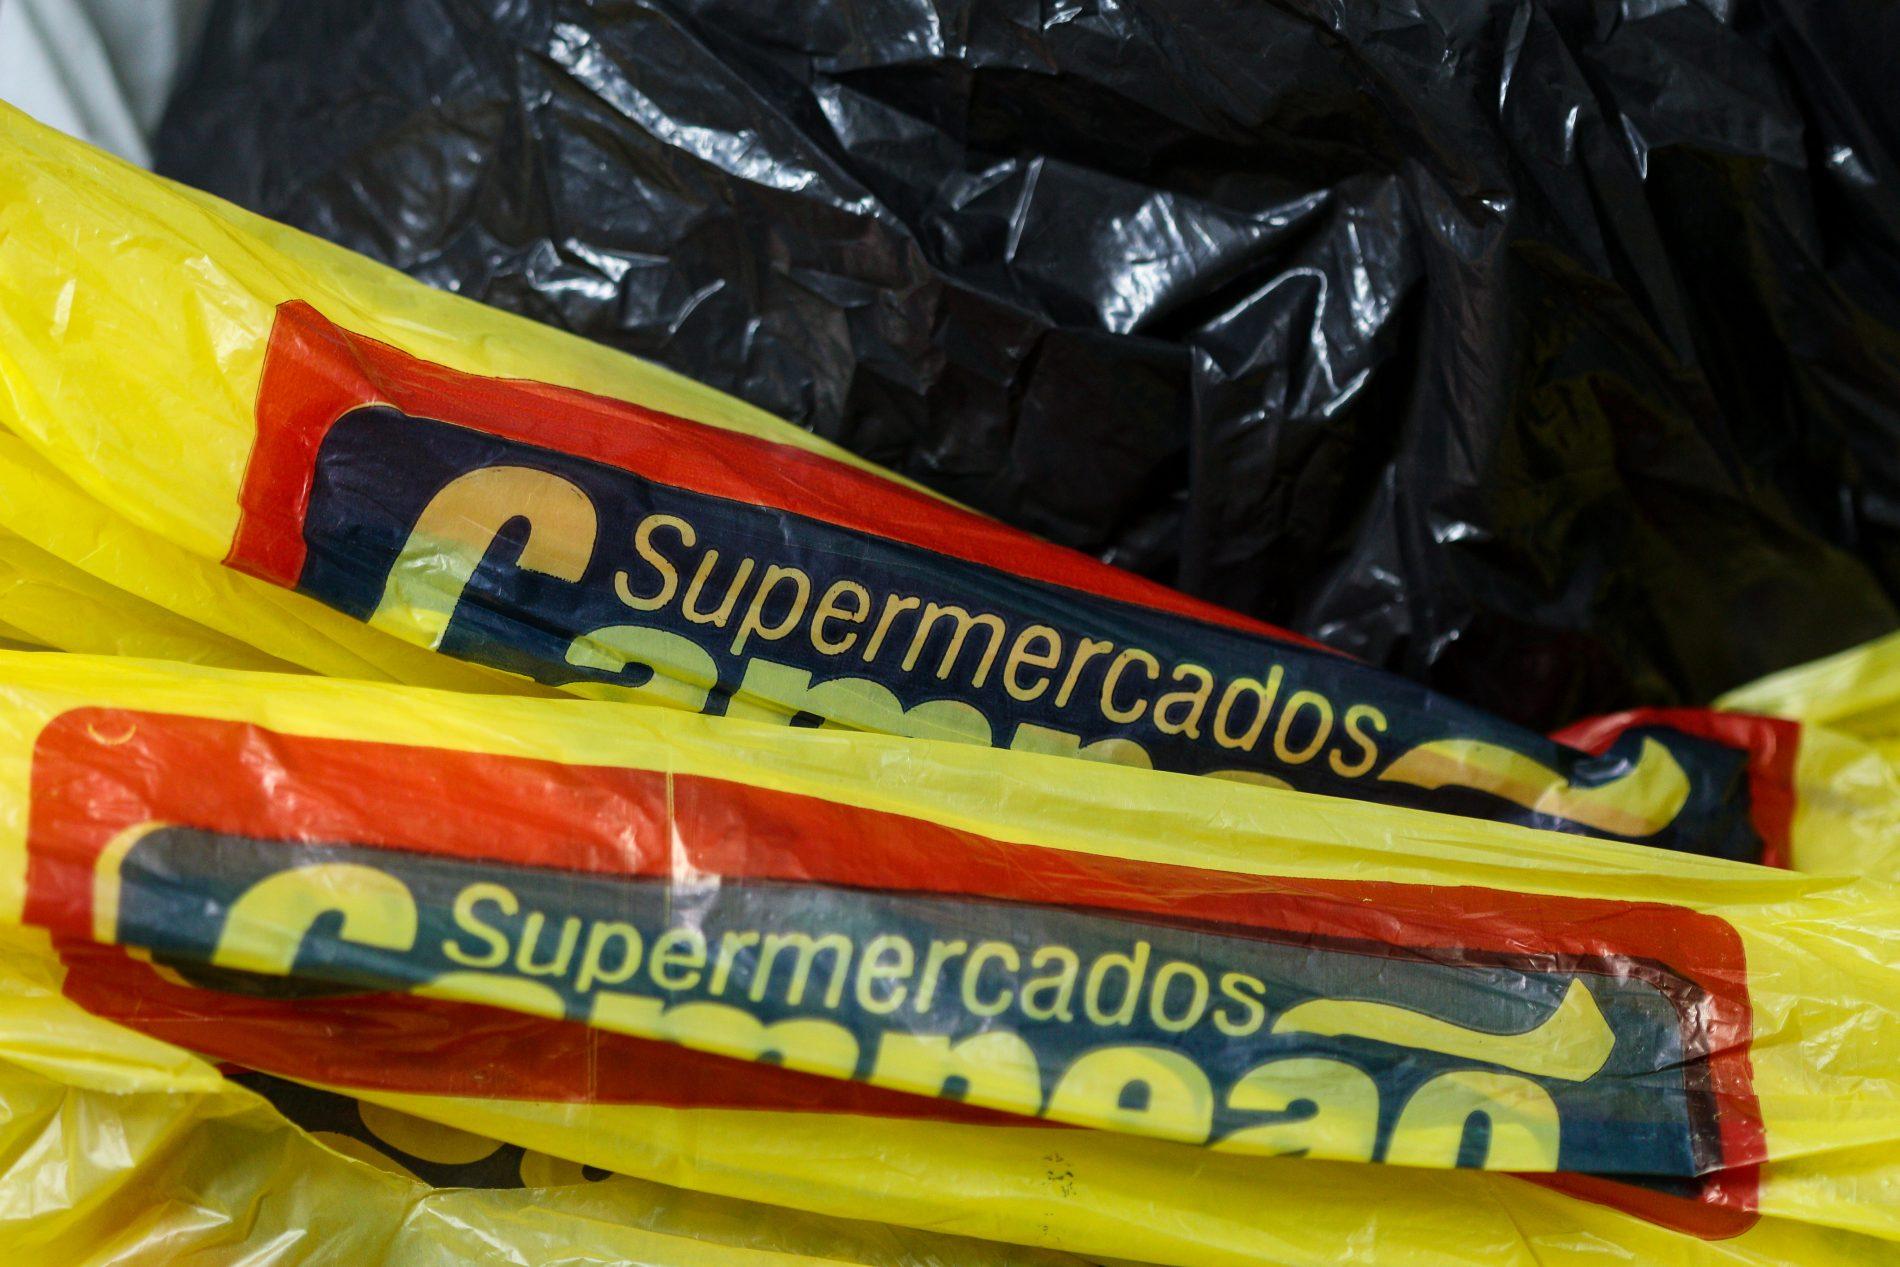 Uso de sacolas plasticas resiste nos supermercados. Foto de Luiz Souza/ NurPhoto/ AFP